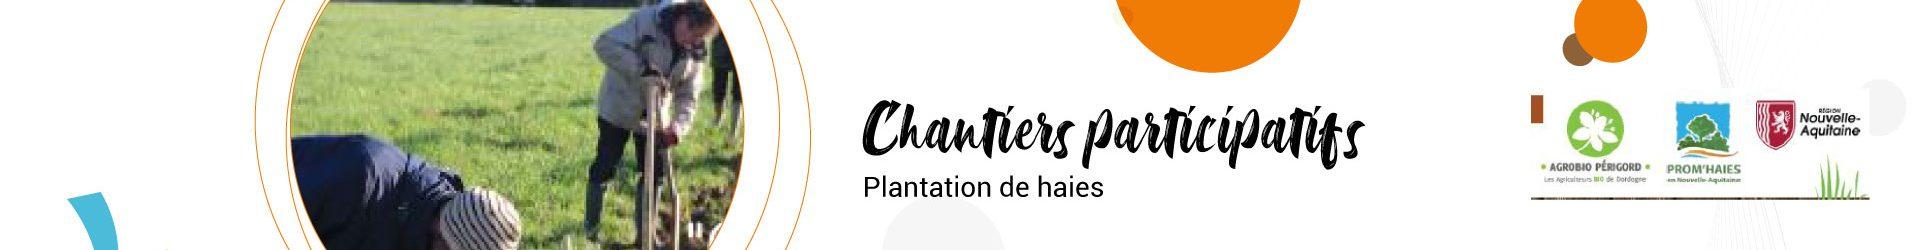 Agrobio Perigord, Prom'haies et la région NA vous proposent des chantiers participatifs-plantation de haies